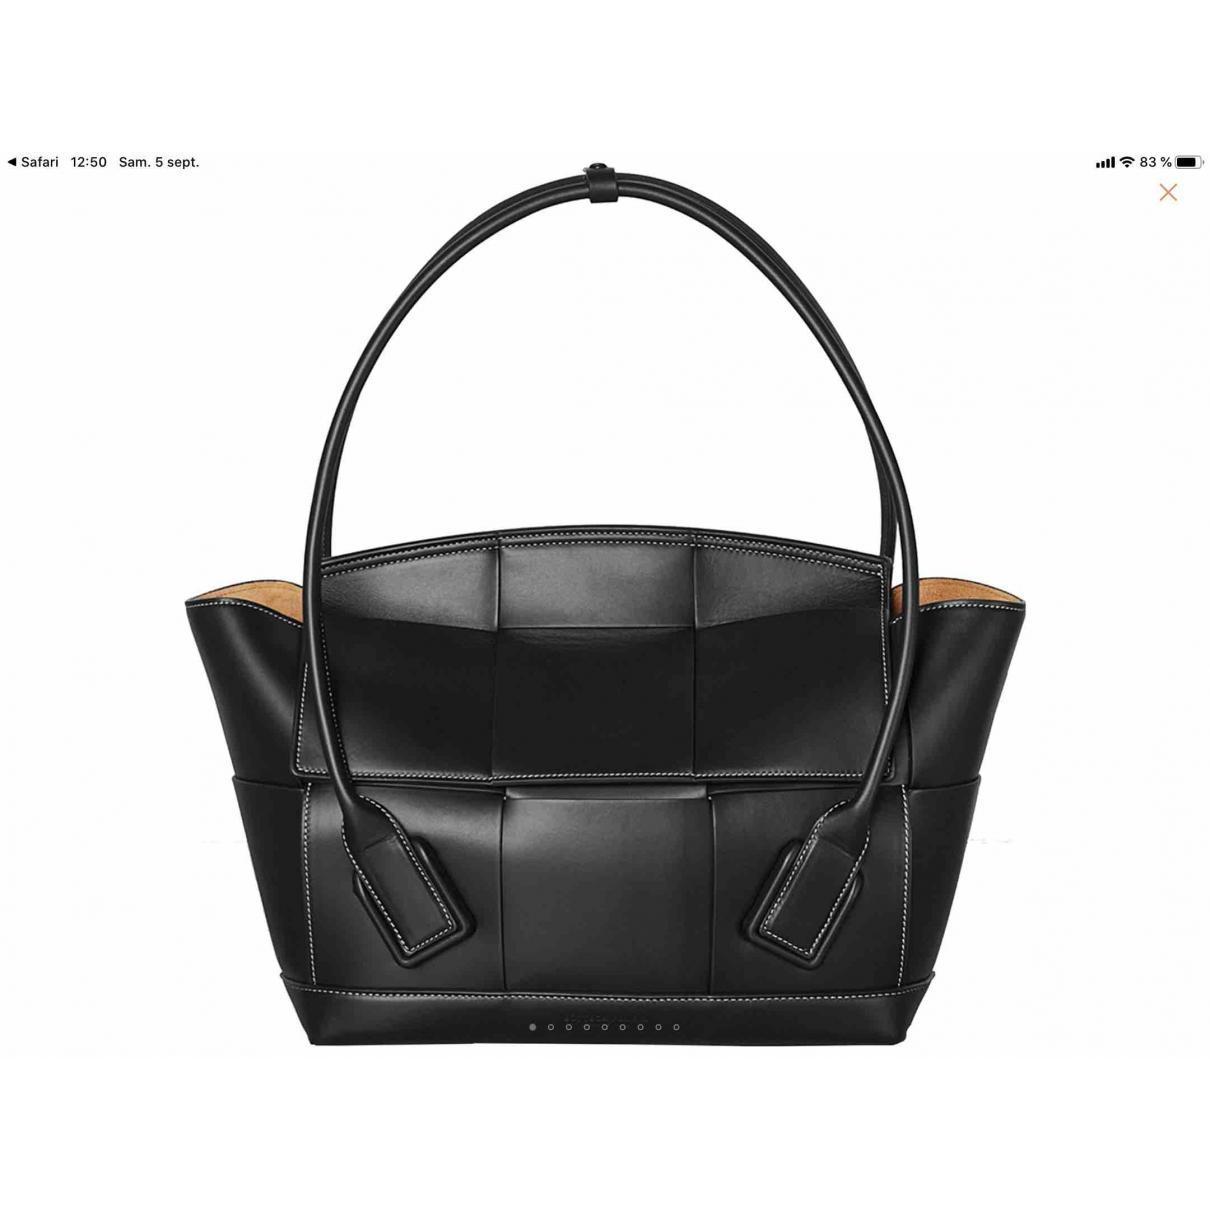 Bottega Veneta Arco Black Leather handbag for Women \N